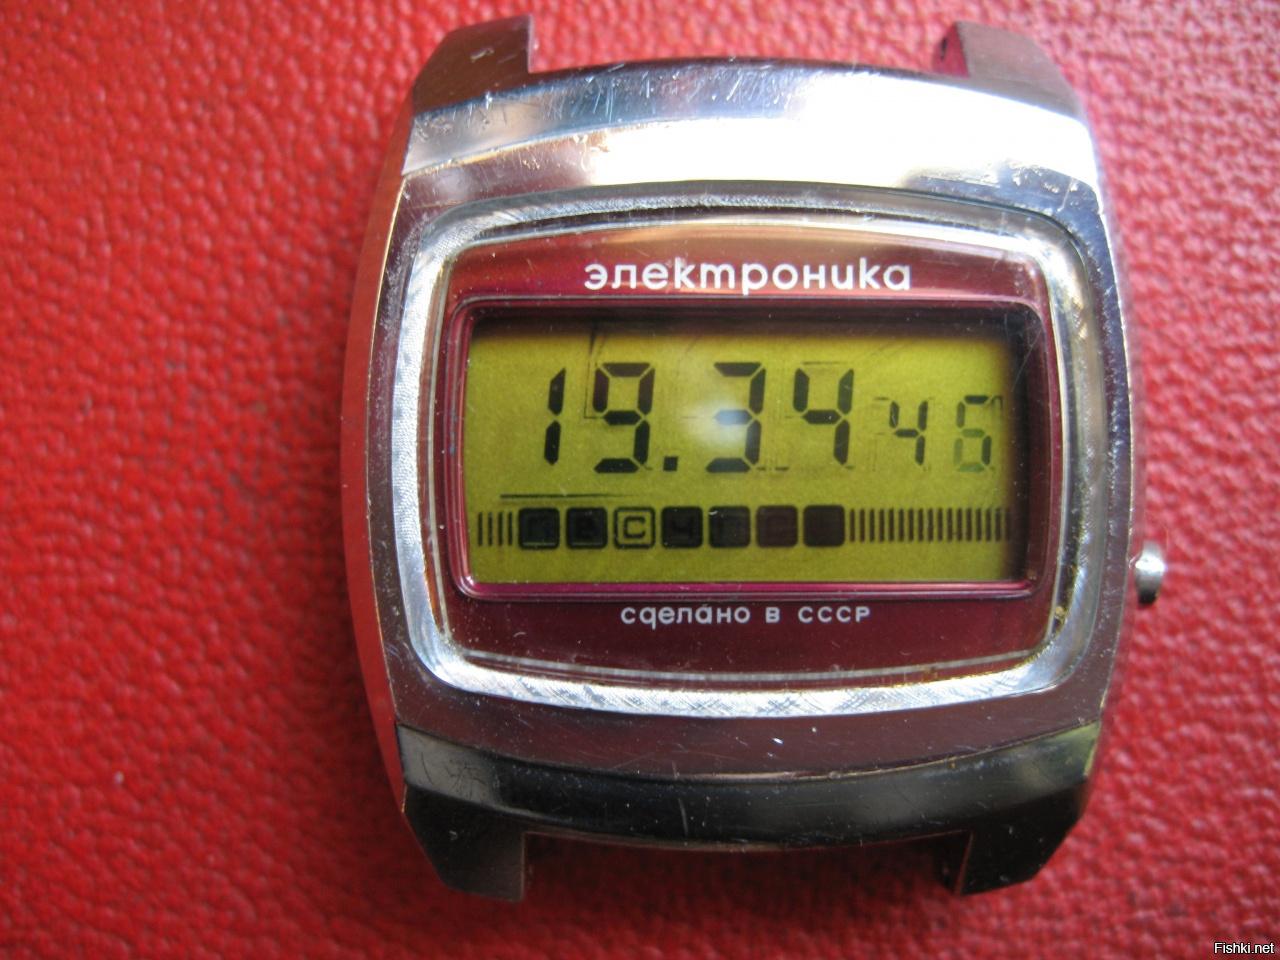 Актуальность советских часов возвращается, но экземпляров в отличном состоянии очень мало.